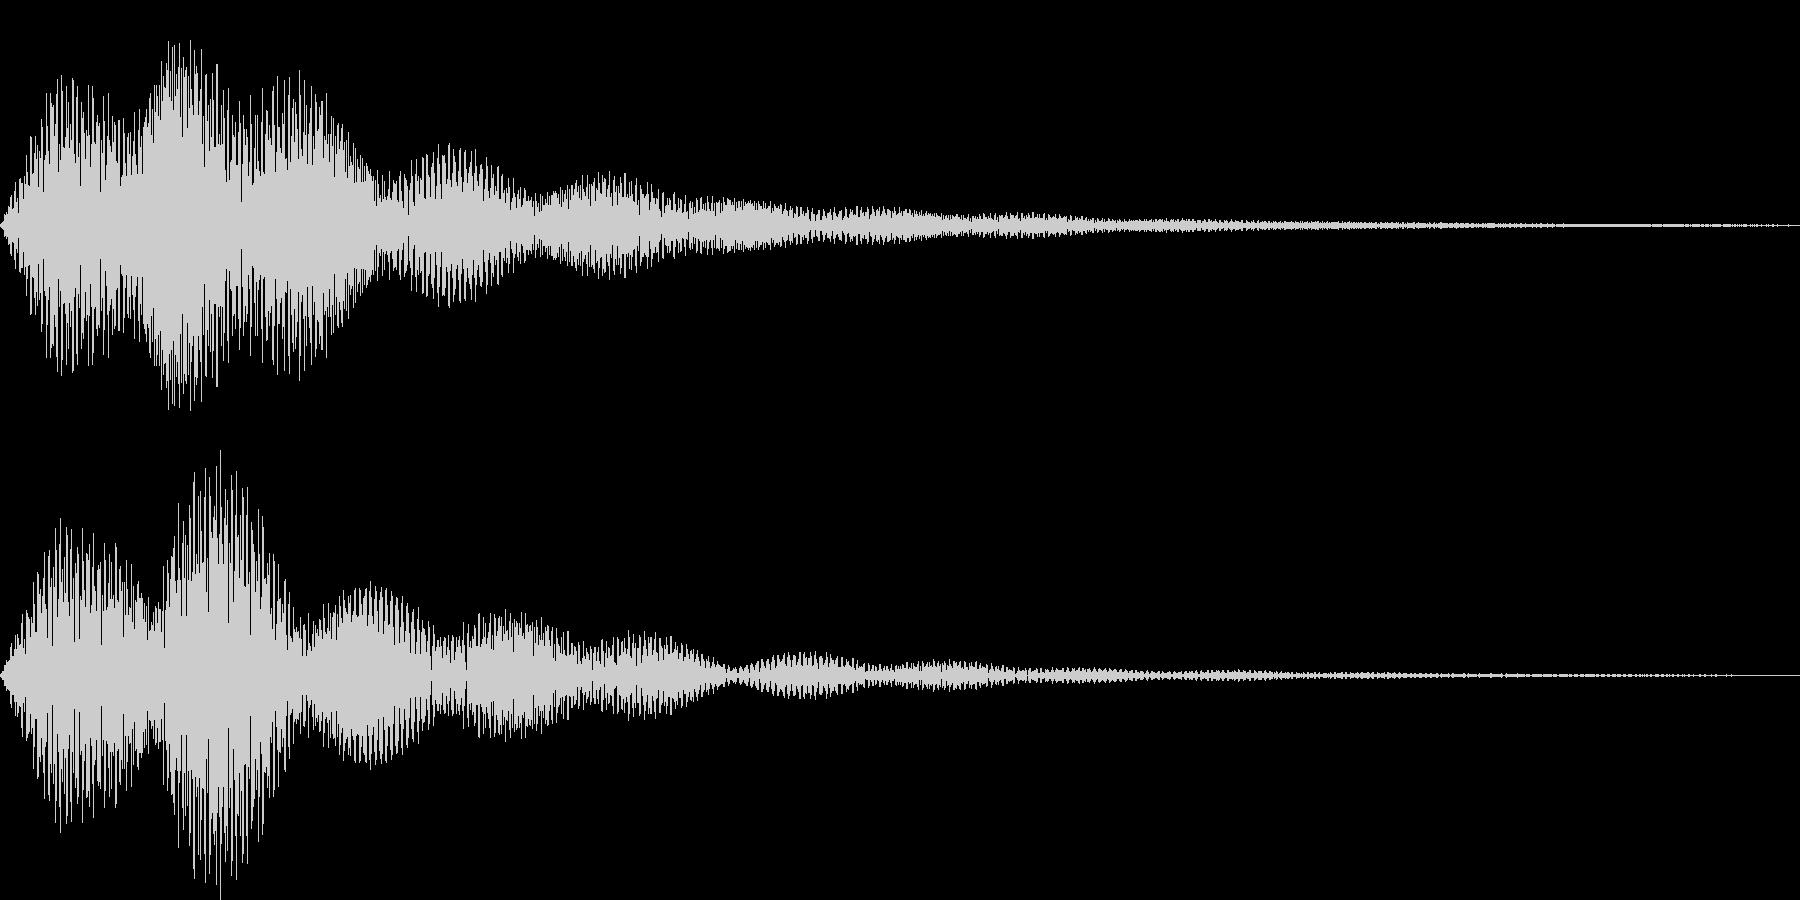 ボタン・操作音8の未再生の波形